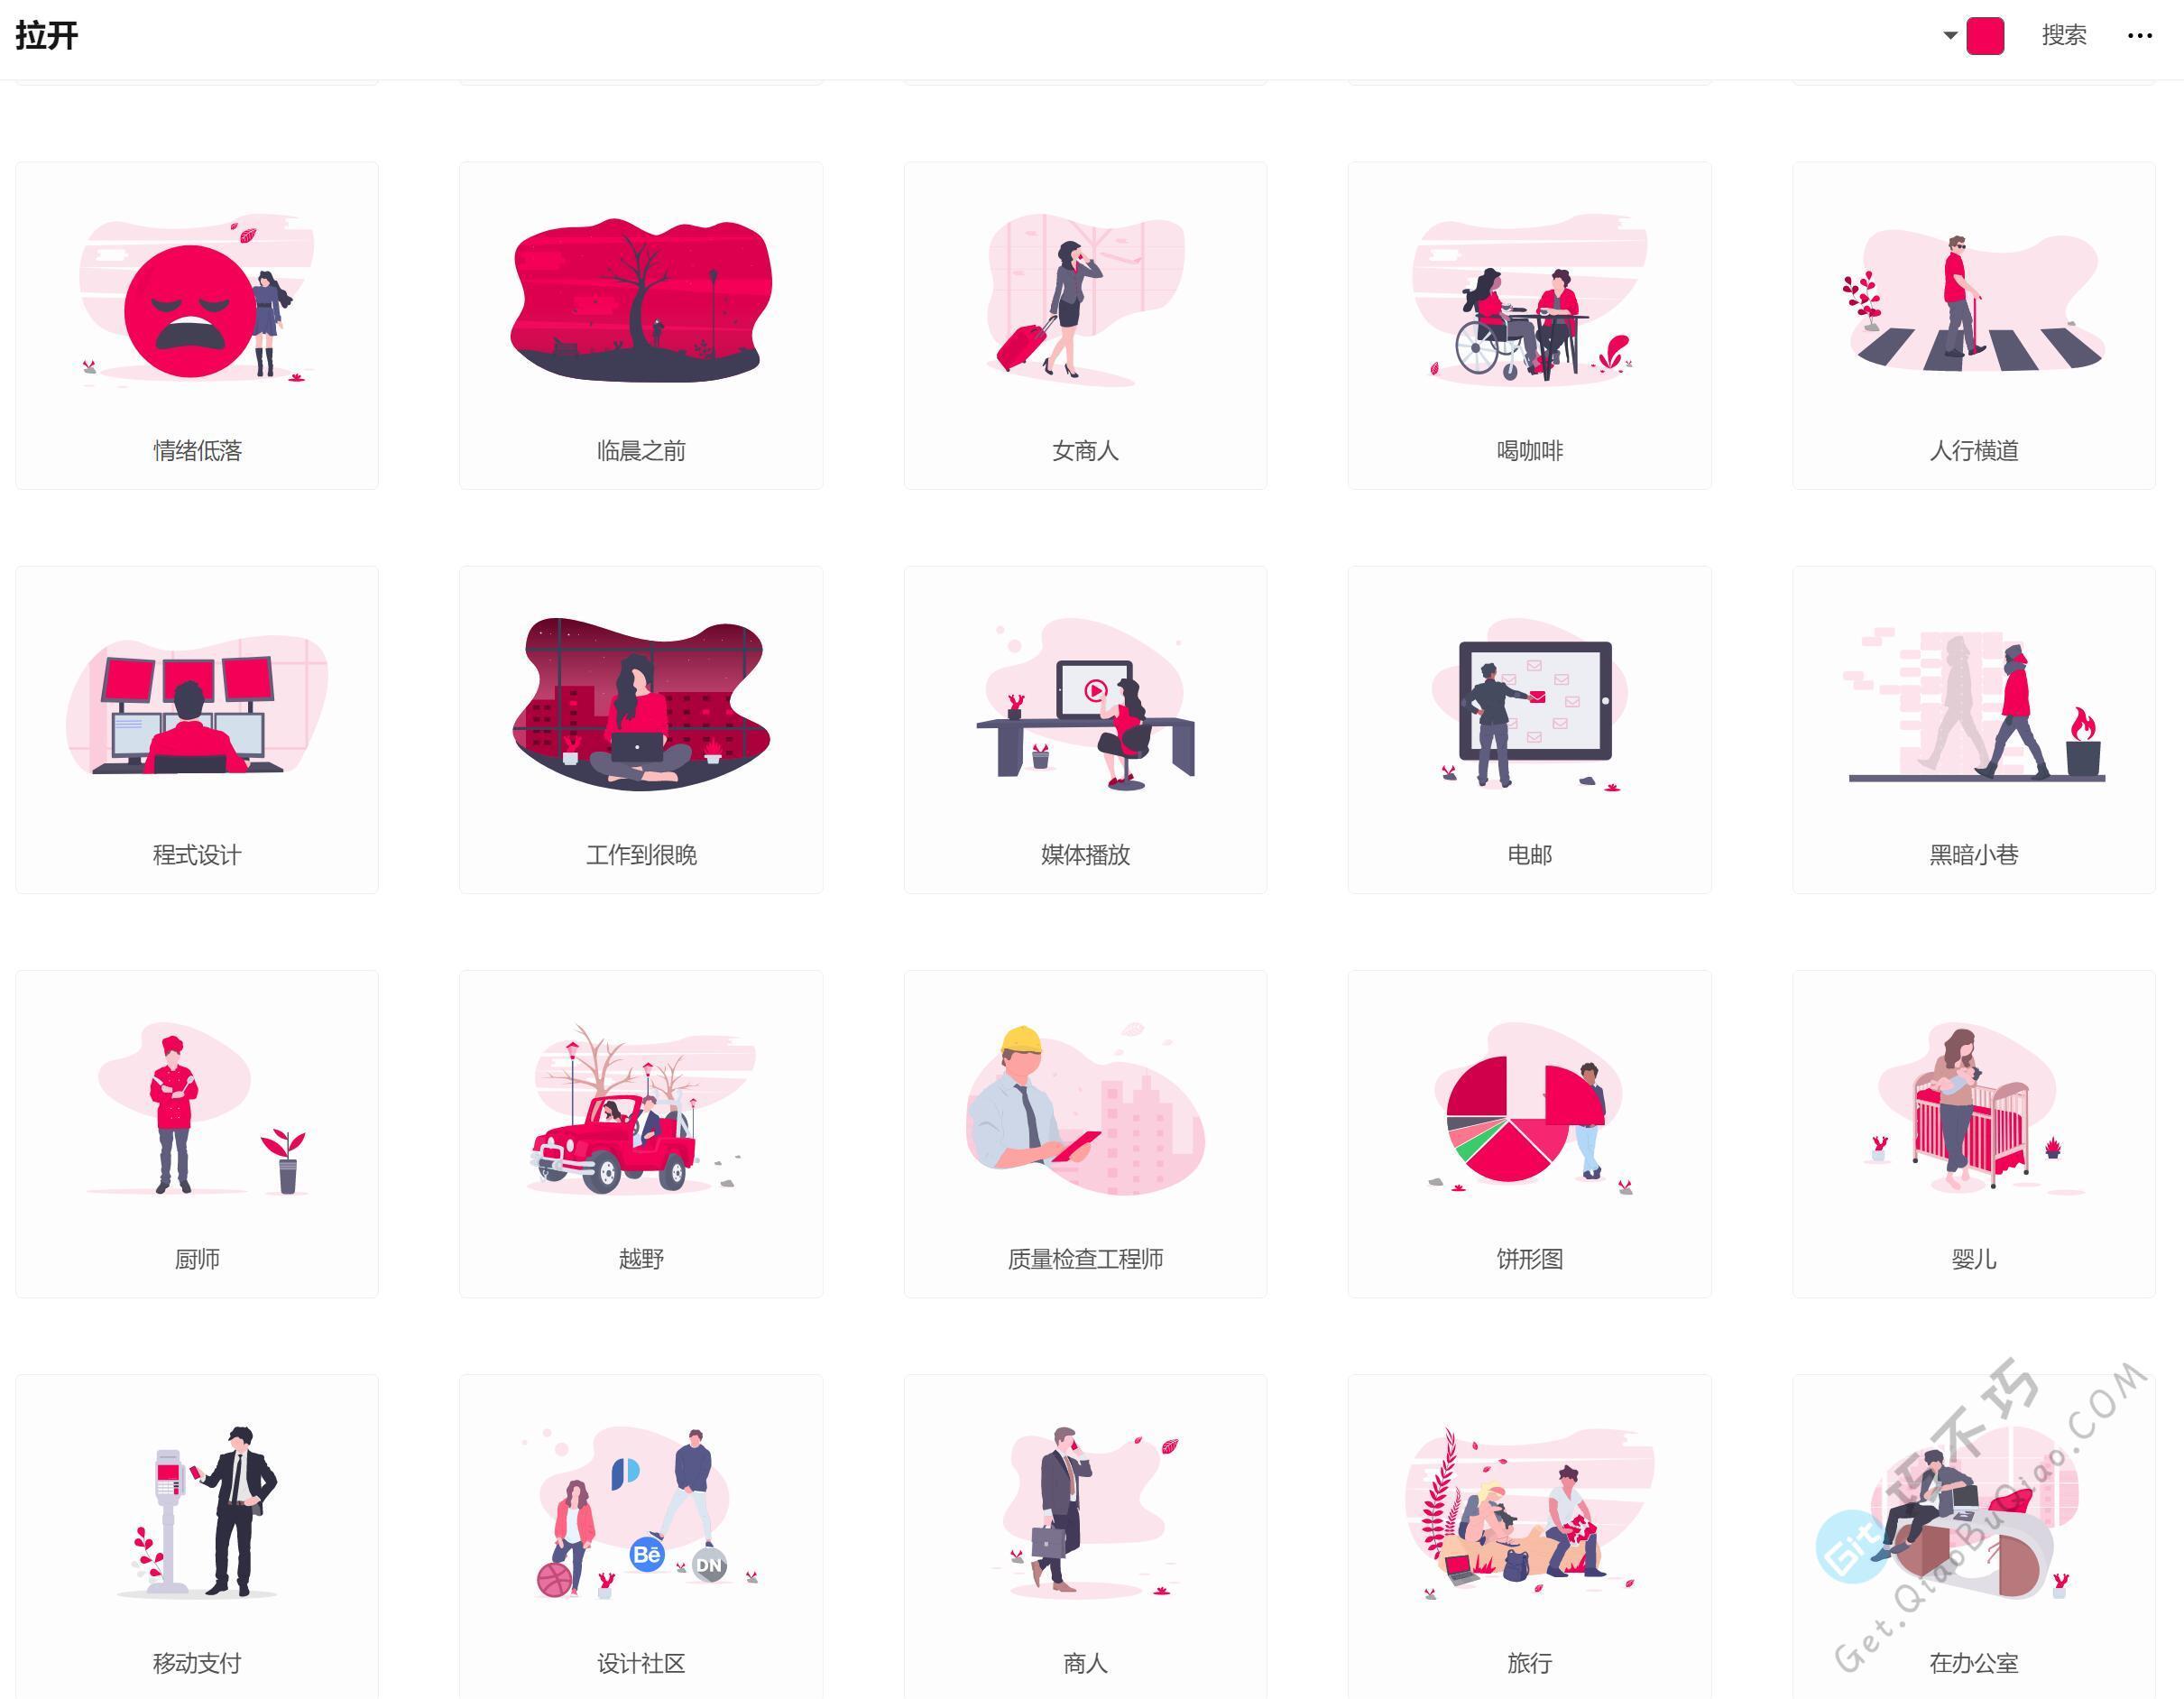 超过1300款可免费商用的SVG无损矢量图片插图素材下载,支持自定义颜色